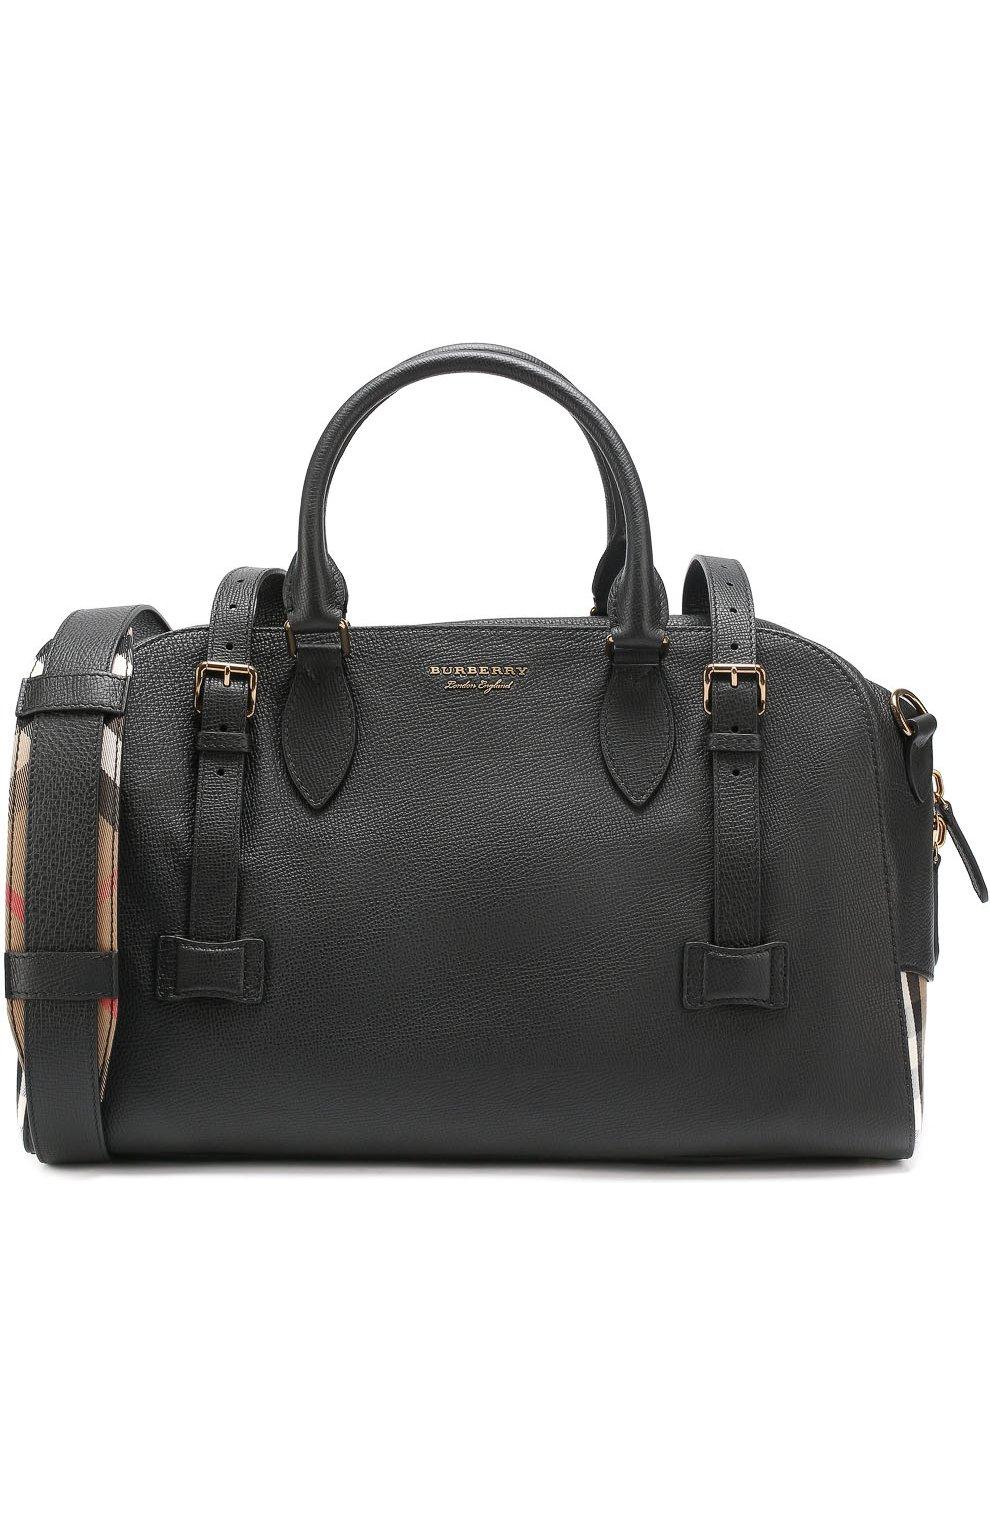 83bb6dba8e23 Кожаная дорожная сумка с плечевым ремнем и контрастной отделкой   Фото №1